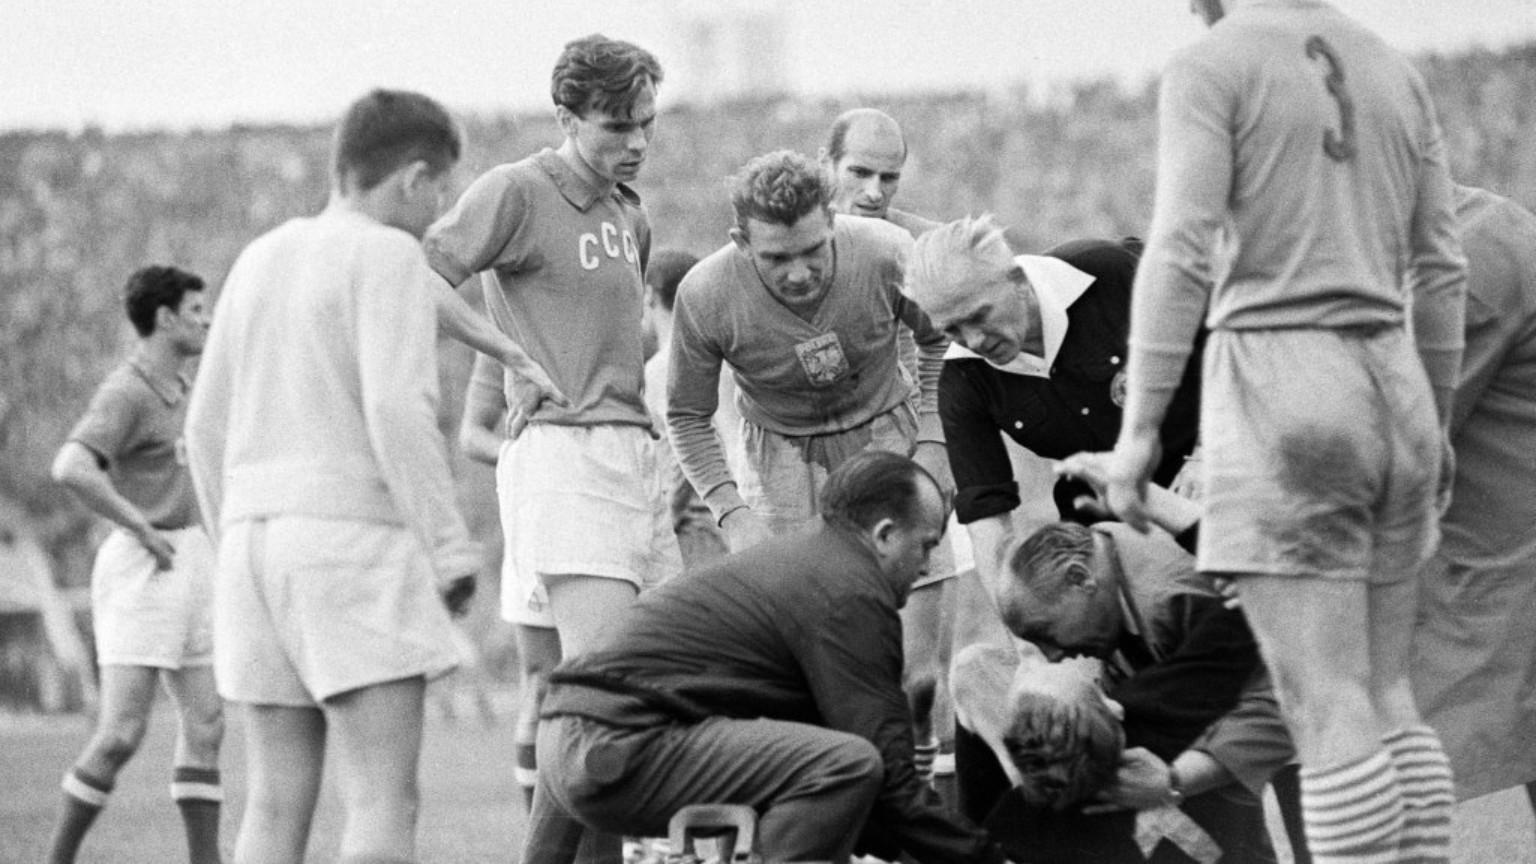 Zdjęcie dla kartki: Związek Radziecki przegrywa mecz w Warszawie